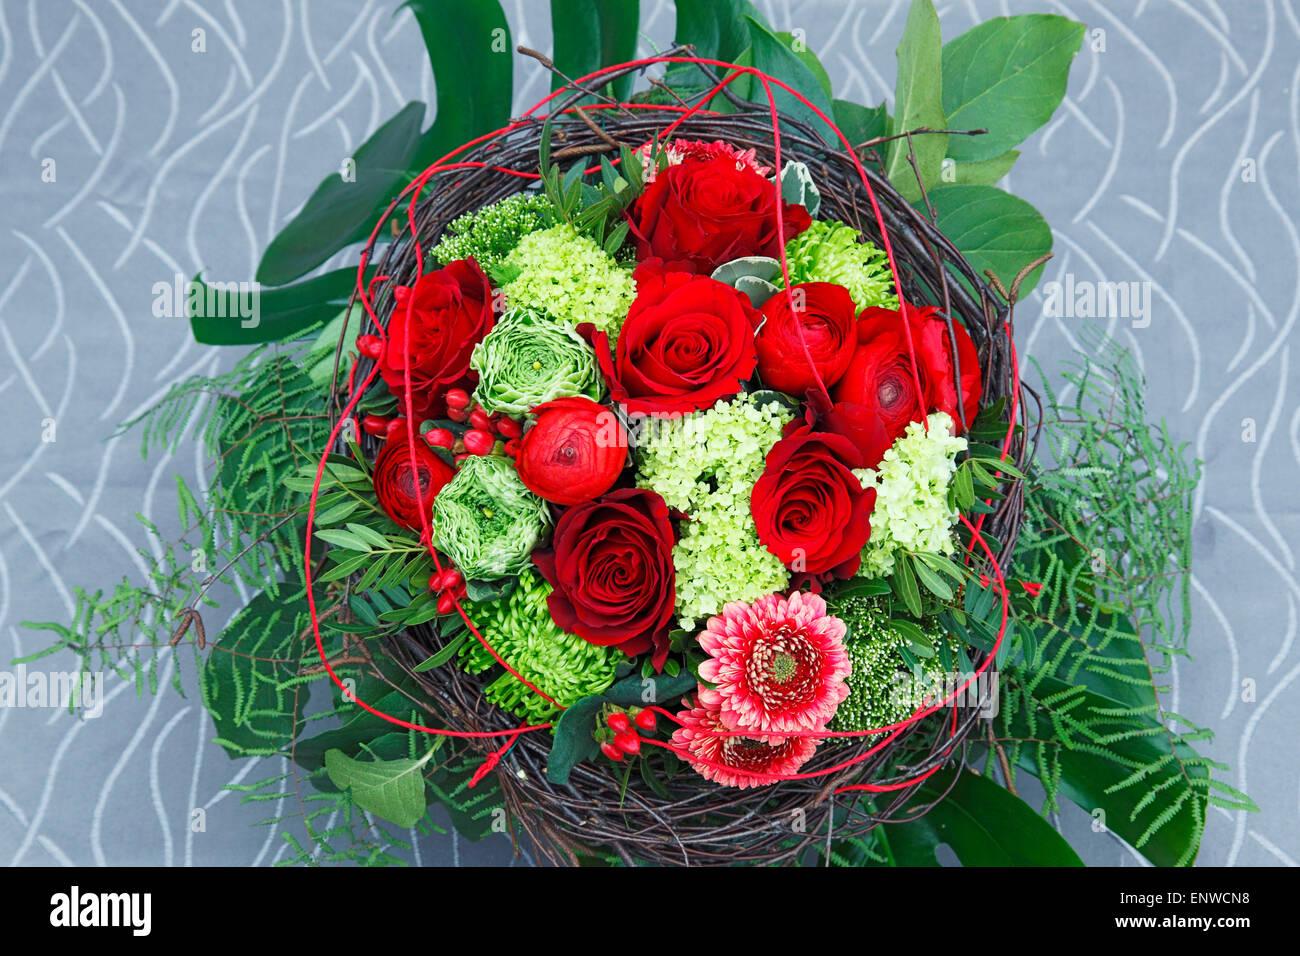 Natur Pflanzen Blumen Rosenstrauss Geburtstag Blumenstrauss Rote